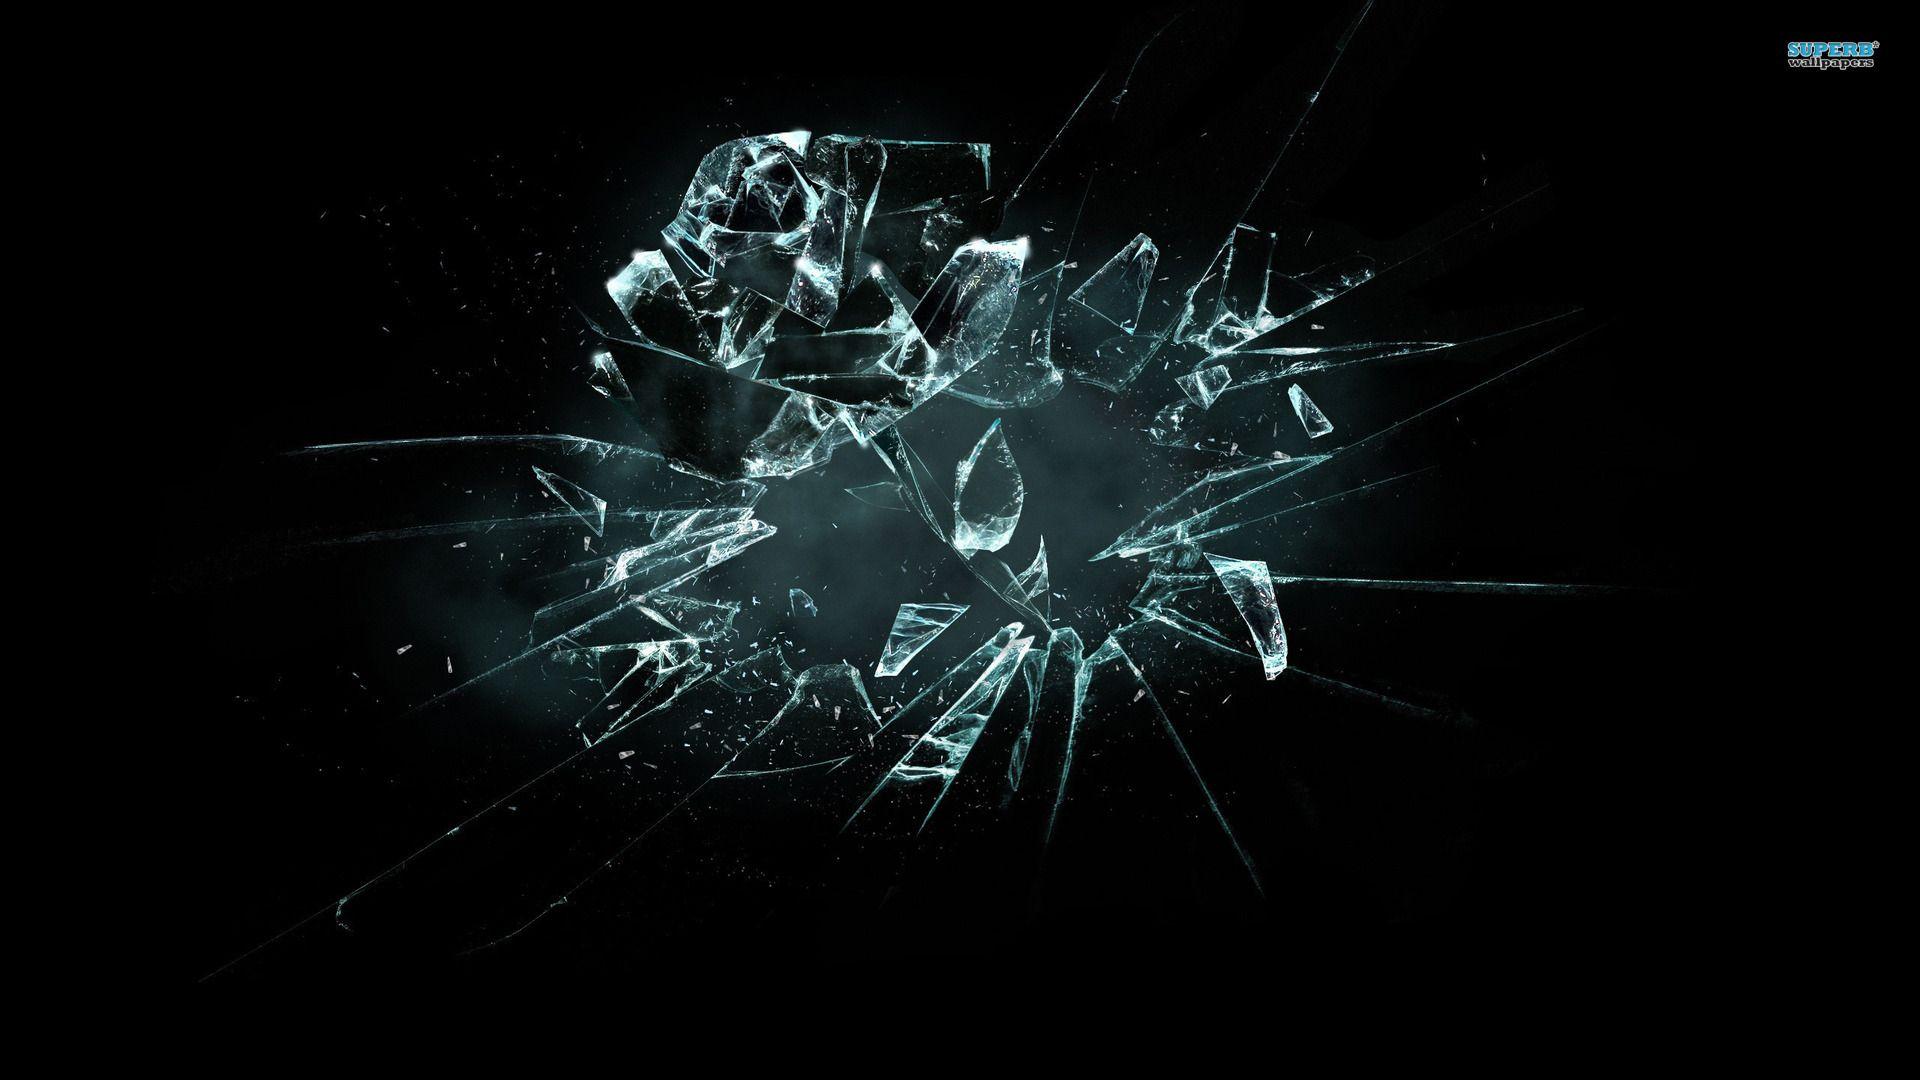 It S All Just Broken Glass Wallpaper Wallpaper Backgrounds Glass